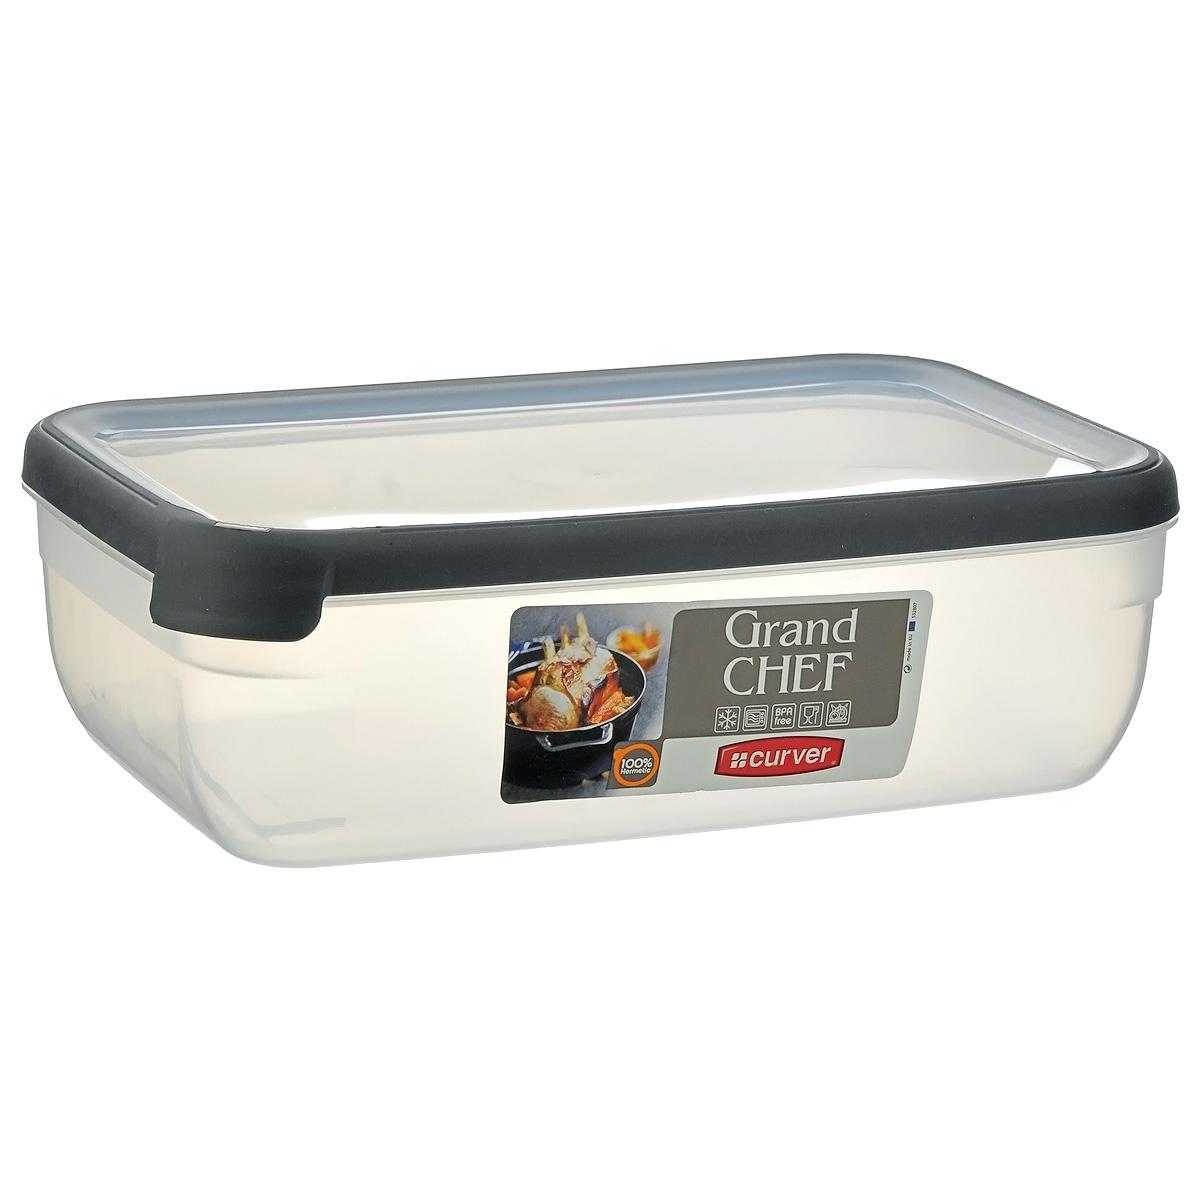 """Прямоугольная емкость для заморозки и СВЧ """"Grand Chef"""" изготовлена из высококачественного пищевого пластика (BPA free), который выдерживает температуру от -40°С до +100°С. Стенки емкости и крышка прозрачные. Крышка по краю оснащена силиконовой вставкой, благодаря которой плотно и герметично закрывается, дольше сохраняя продукты свежими и вкусными. Емкость удобно брать с собой на пикник, дачу, в поход или просто использовать для хранения пищи в холодильнике.  Можно использовать в микроволновой печи и для заморозки в морозильной камере. Можно мыть в посудомоечной машине."""